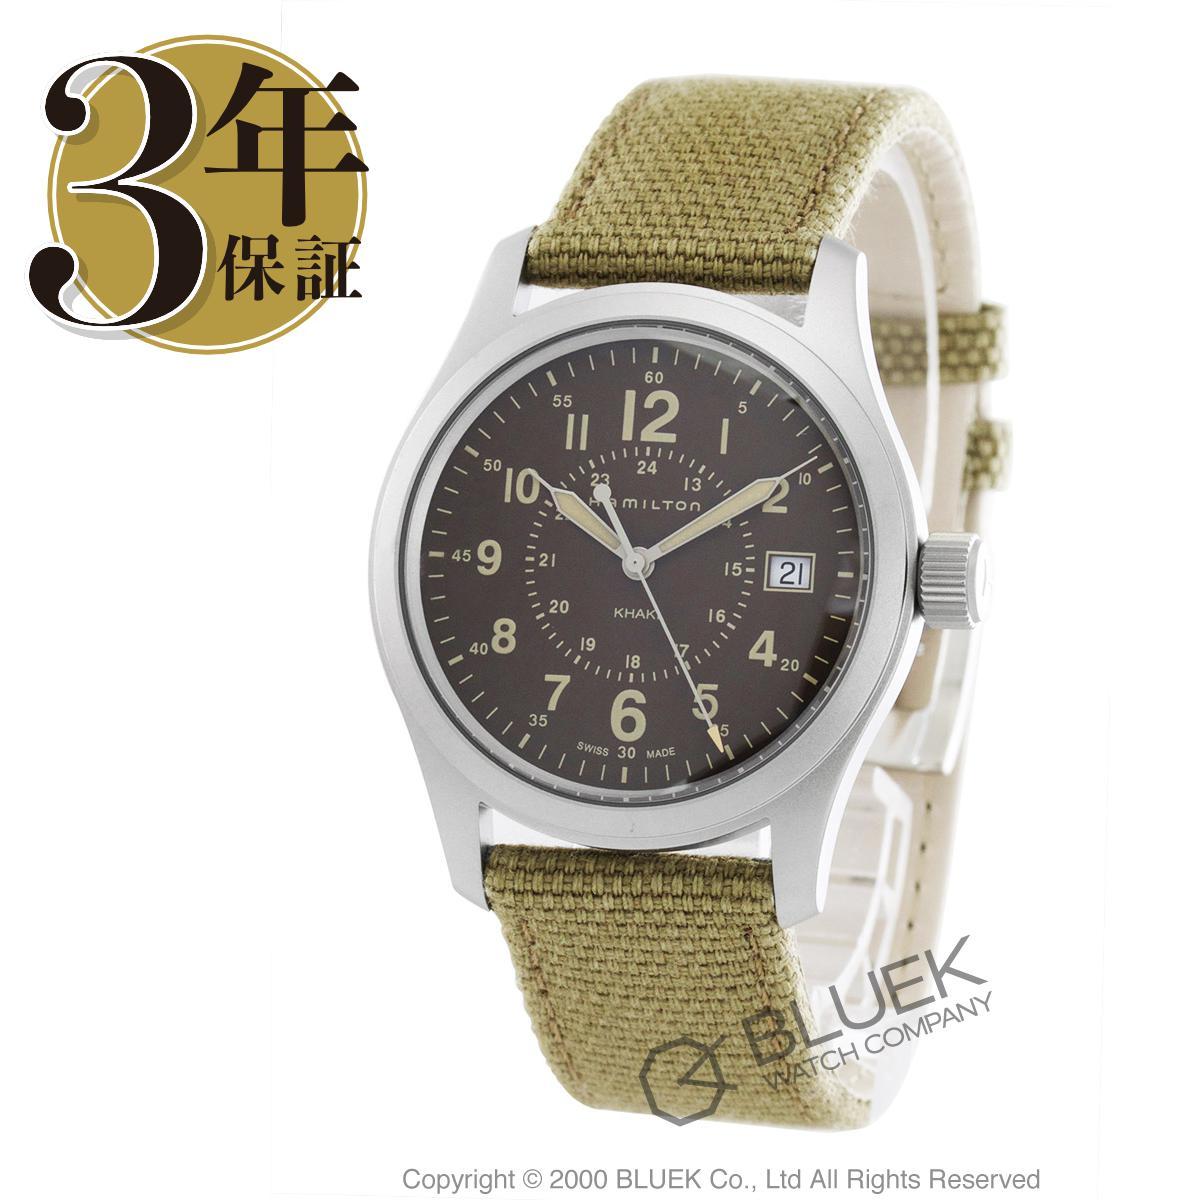 ハミルトン カーキ フィールド キャンパスレザー 腕時計 メンズ HAMILTON H68201993_3